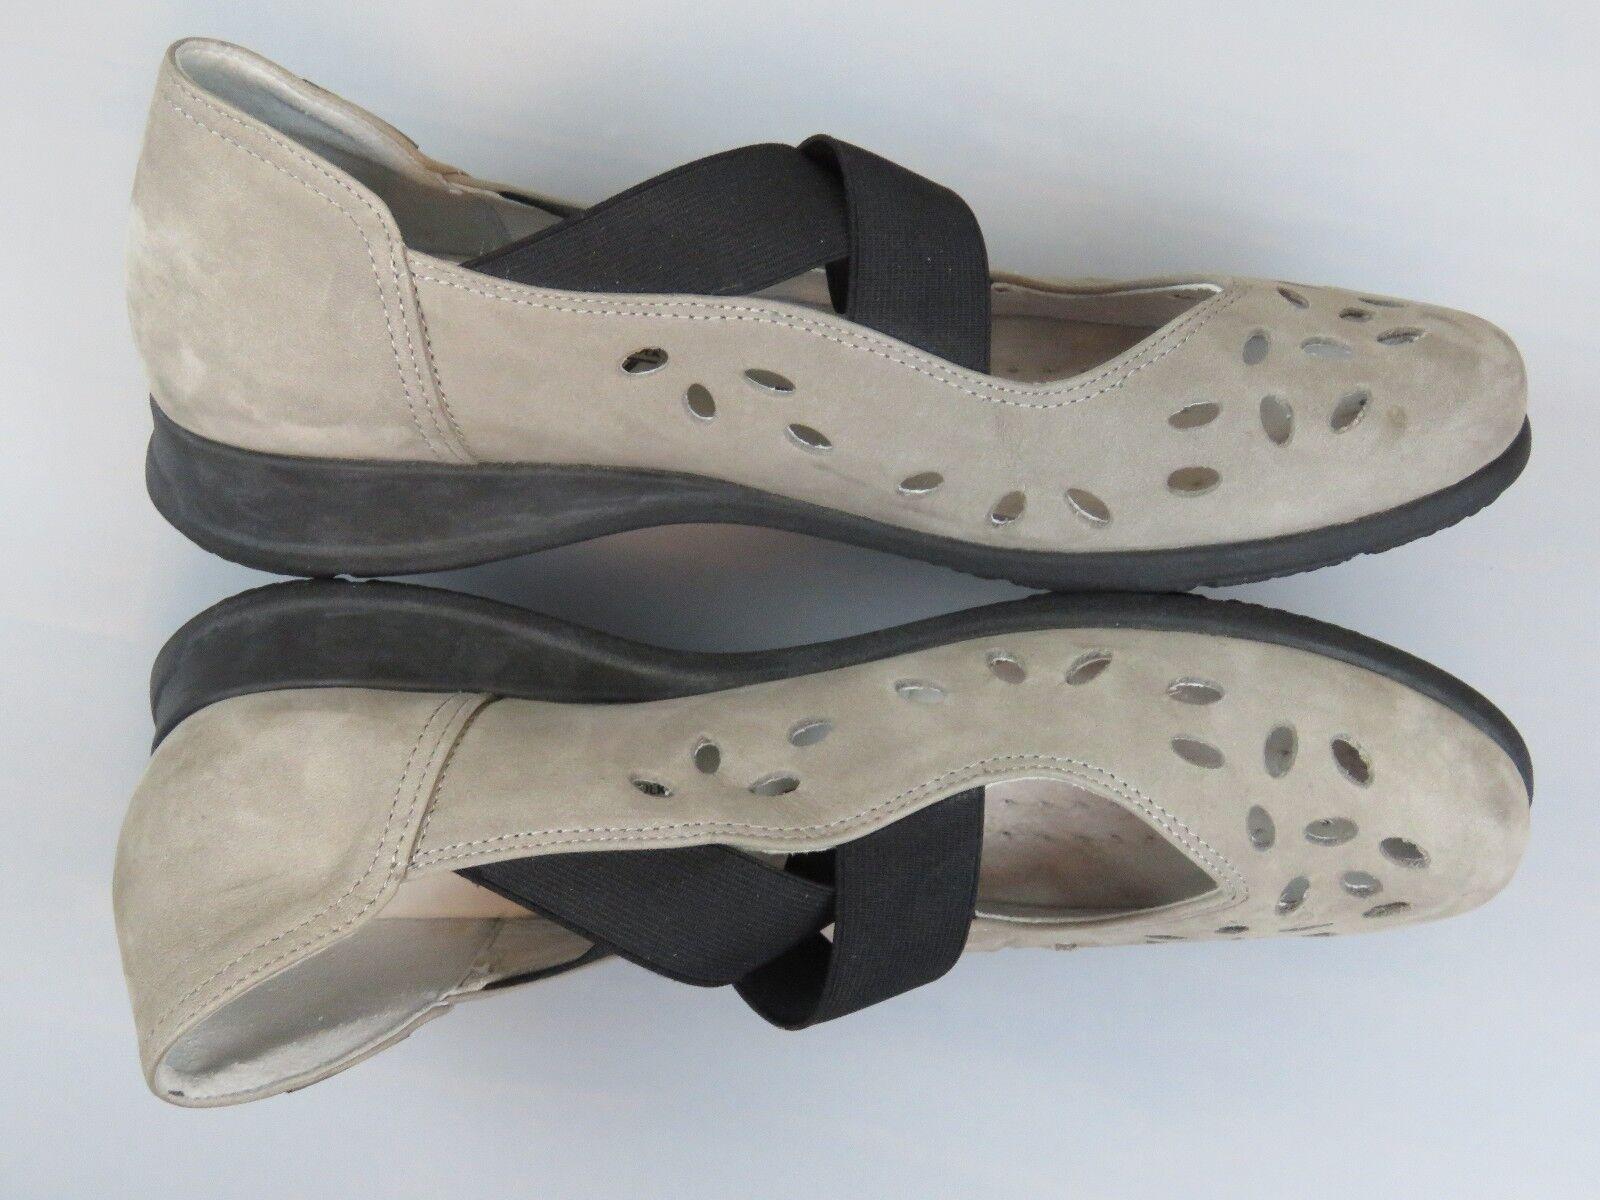 Mephisto femmes's Grobina Nubuck Taille US 7.5 7.5 7.5 - Mary Jane - Elastic Straps f6f993